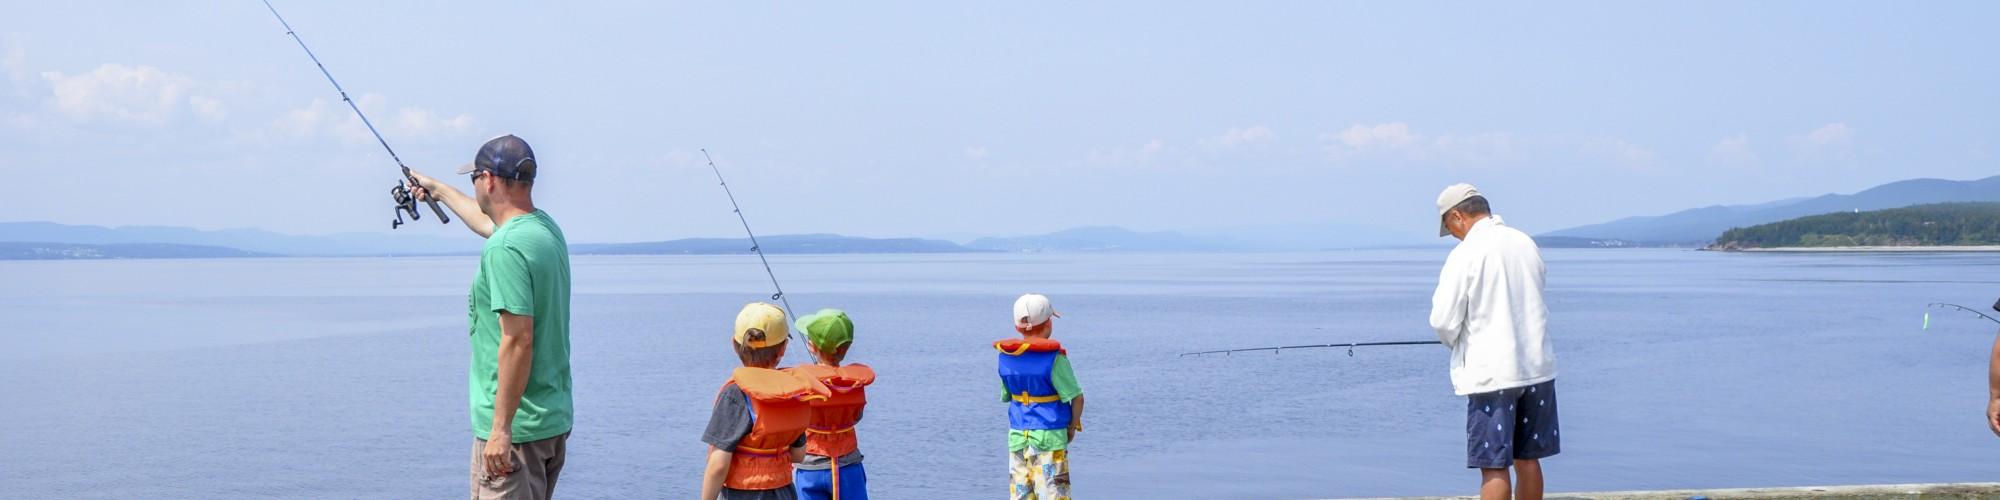 Personne sur un quai, en train de pêcher